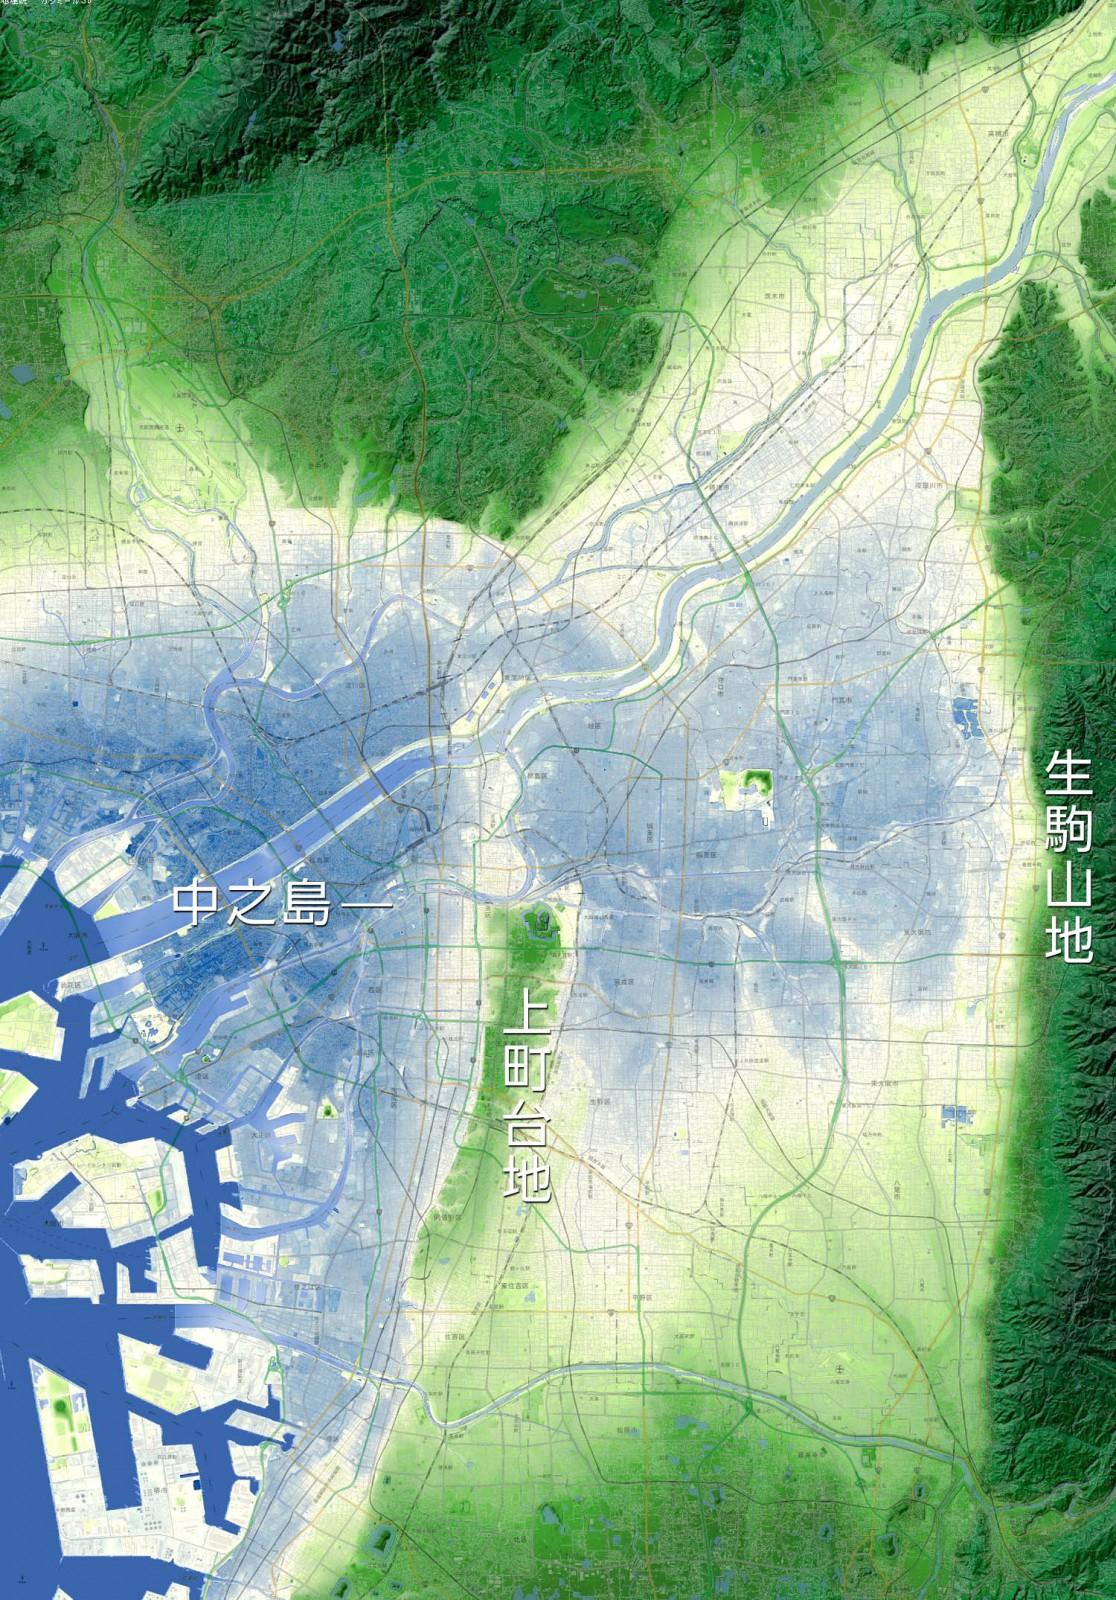 【参考】現在の地形図ー※ 地形図はカシミール3Dで 作成しています。